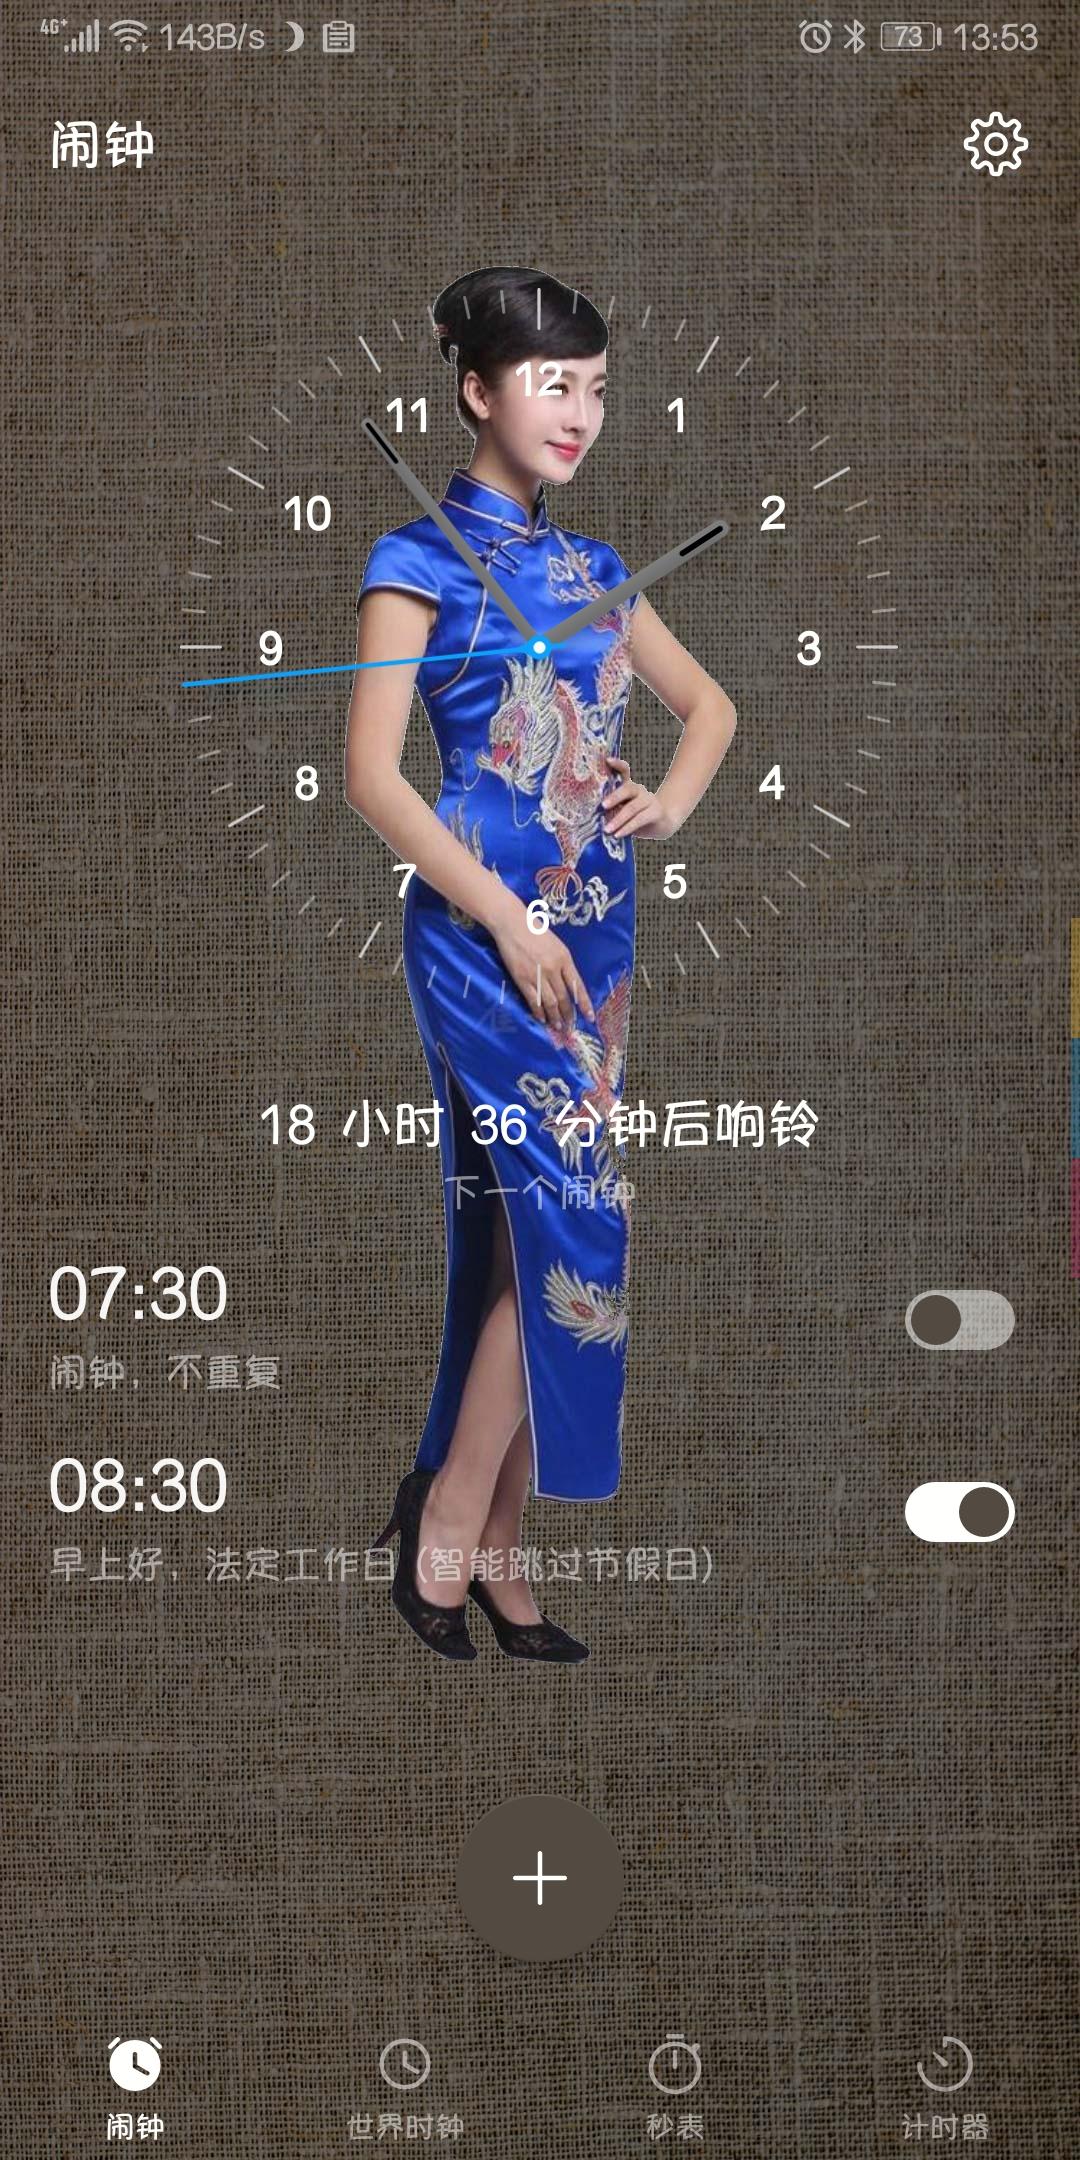 旗袍裙新欈9??Z[0_简约系列主题--《旗袍》 for emui9.